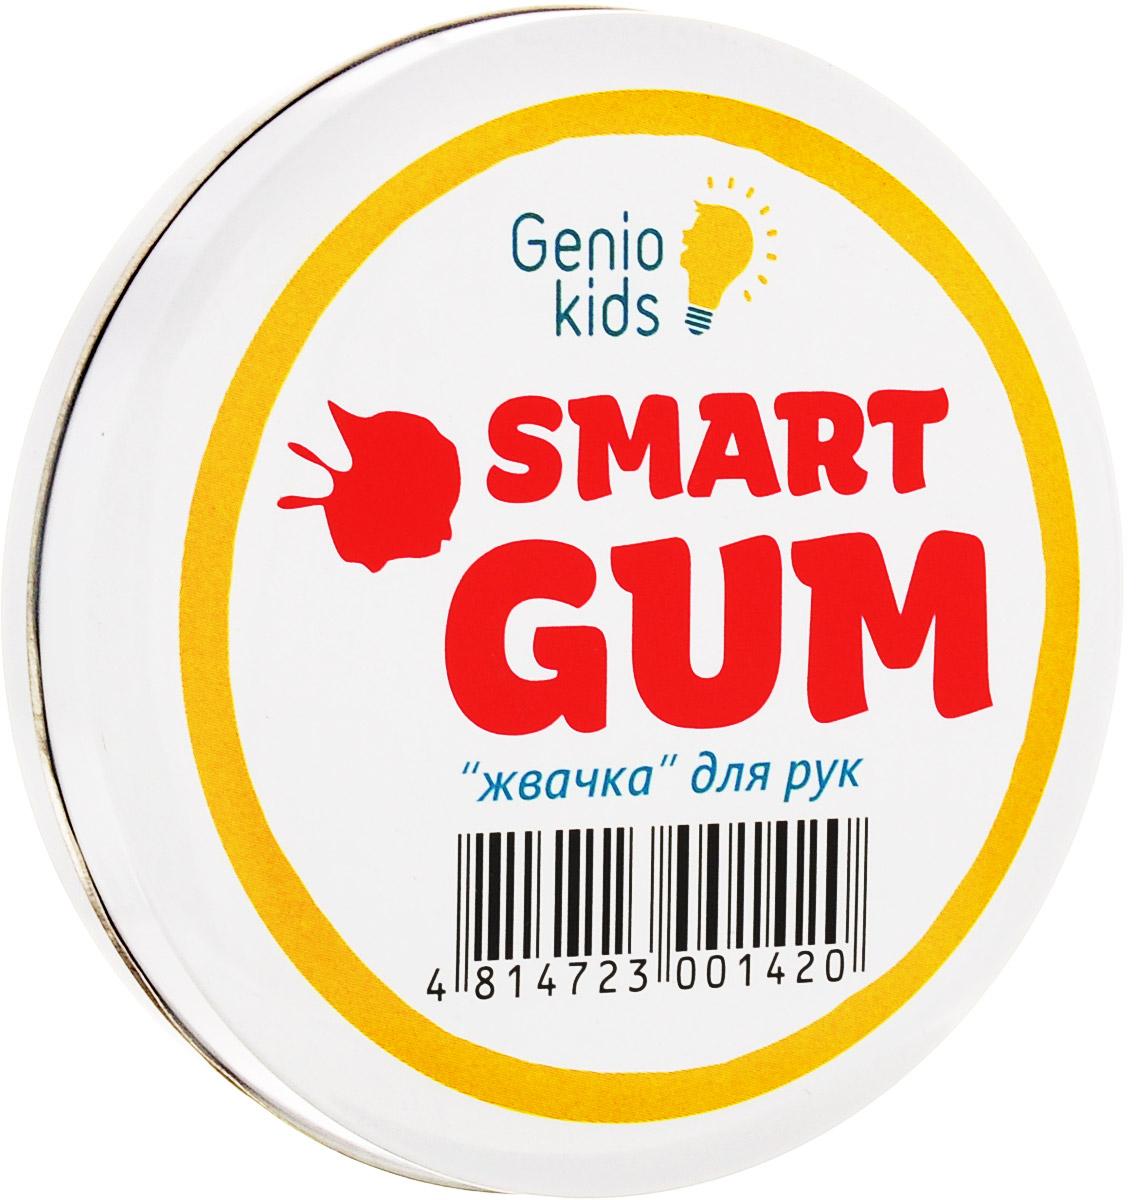 Genio Kids Пластилин Smart GumHG01Пластилин Genio Kids Smart Gum - это масса для лепки с необычными свойствами, которая обязательно понравится вашему малышу и проявит в нем творческие способности.Этот пластилин одновременно жидкий и твердый, упругий и пластичный, поддатливый и хрупкий. Он тянется, рвется, растекается и прыгает.